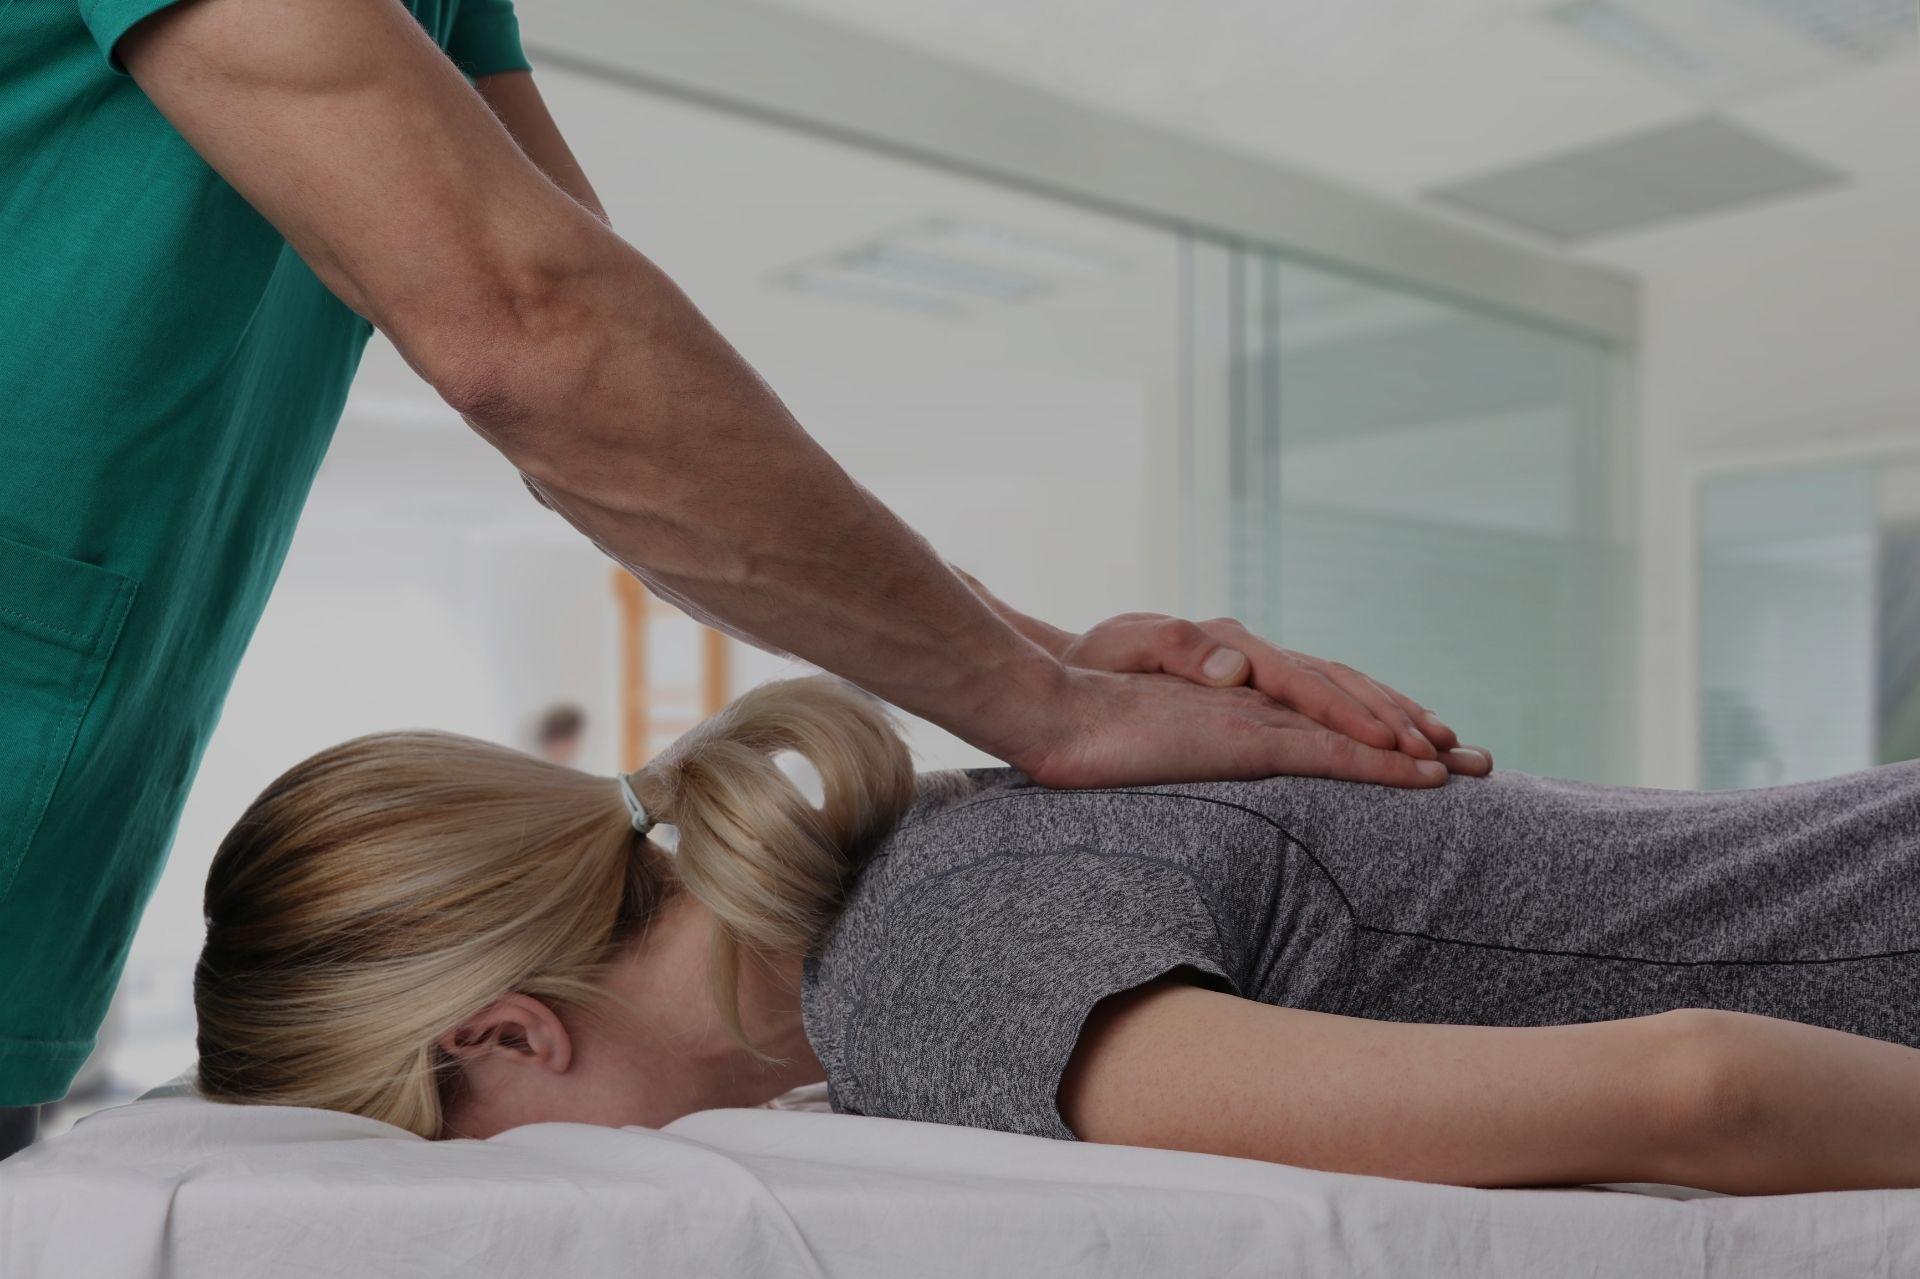 De chiropractor werkt op de rug van de patiënt, derde afbeelding.